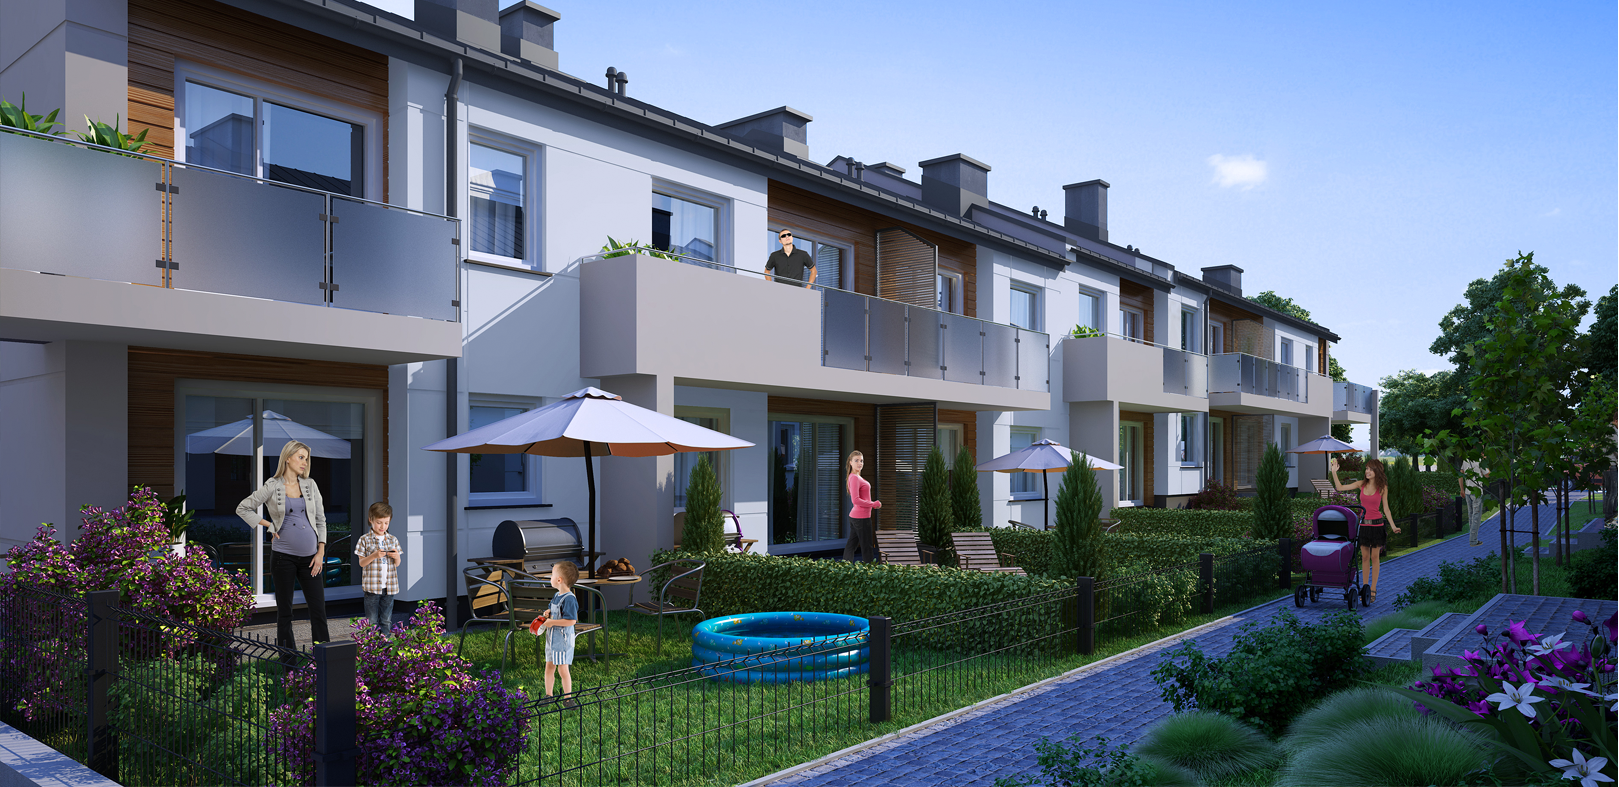 Ogród - osiedle domków jednorodzinnych - Kowalowo